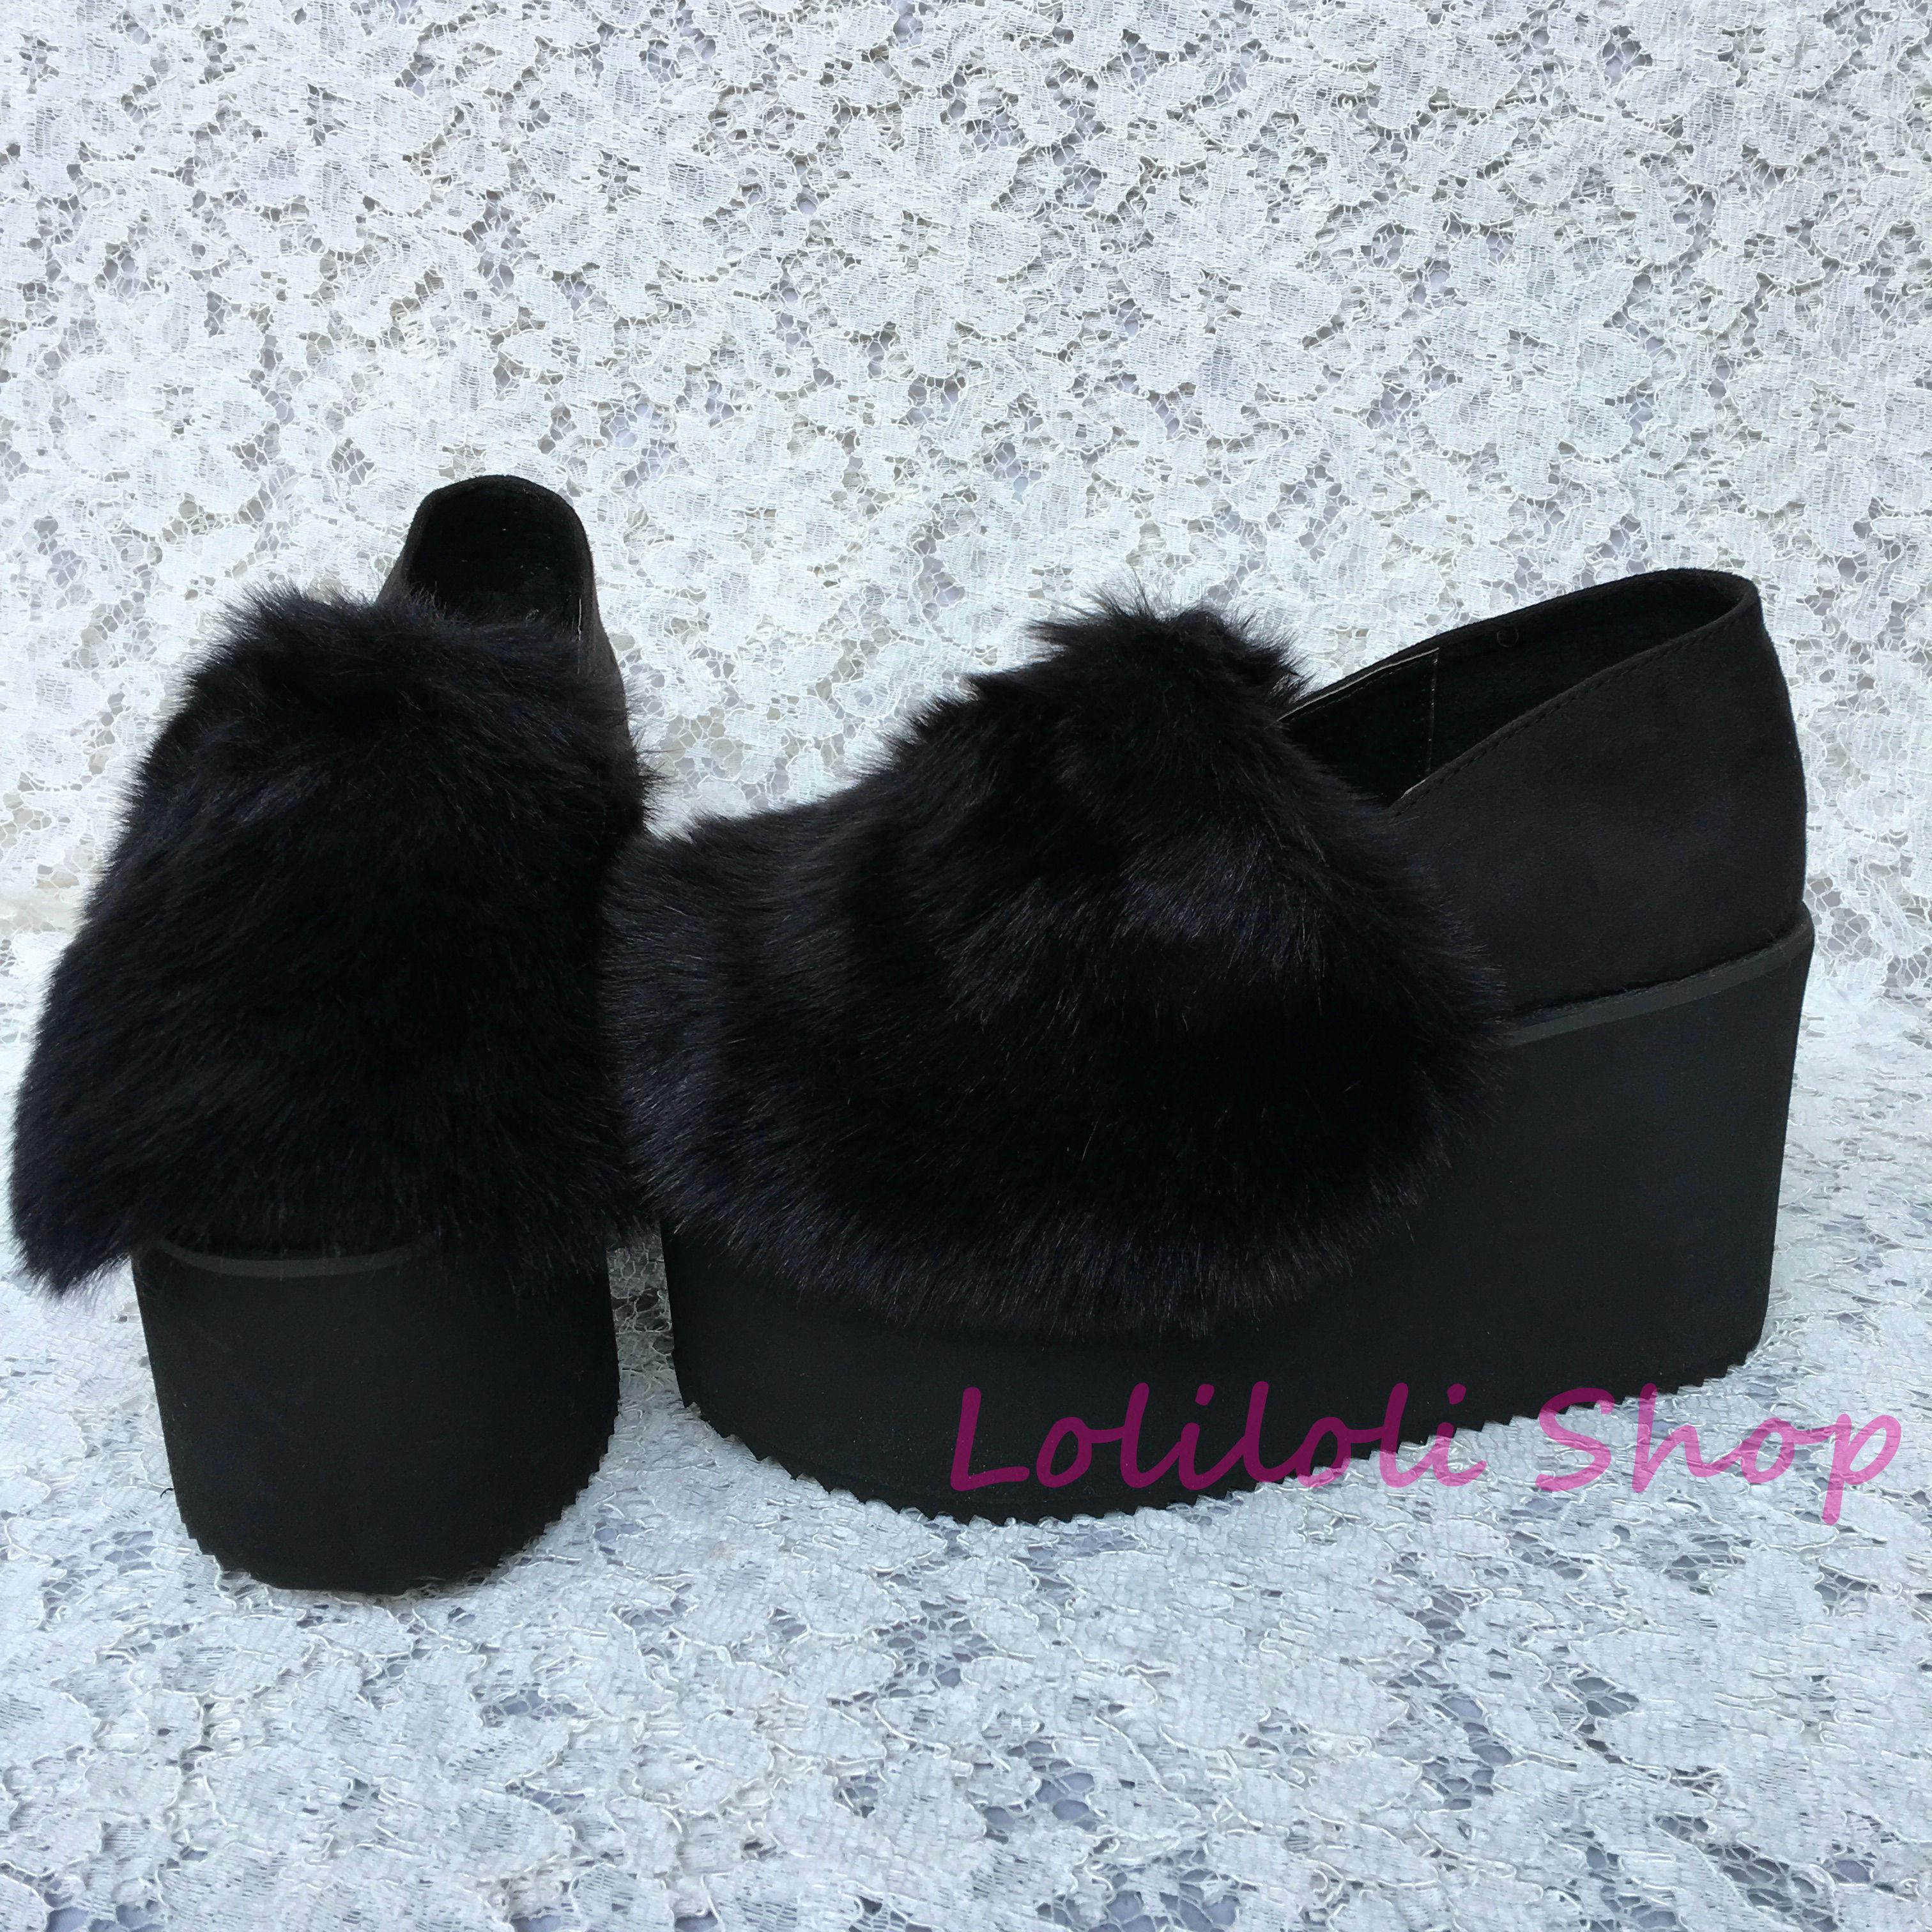 Chaussures lolita princesse douce Lolilloliyoyo antaina design japonais fond épais noir troupeau imitation fourrure de lapin chaussures plates 5125n